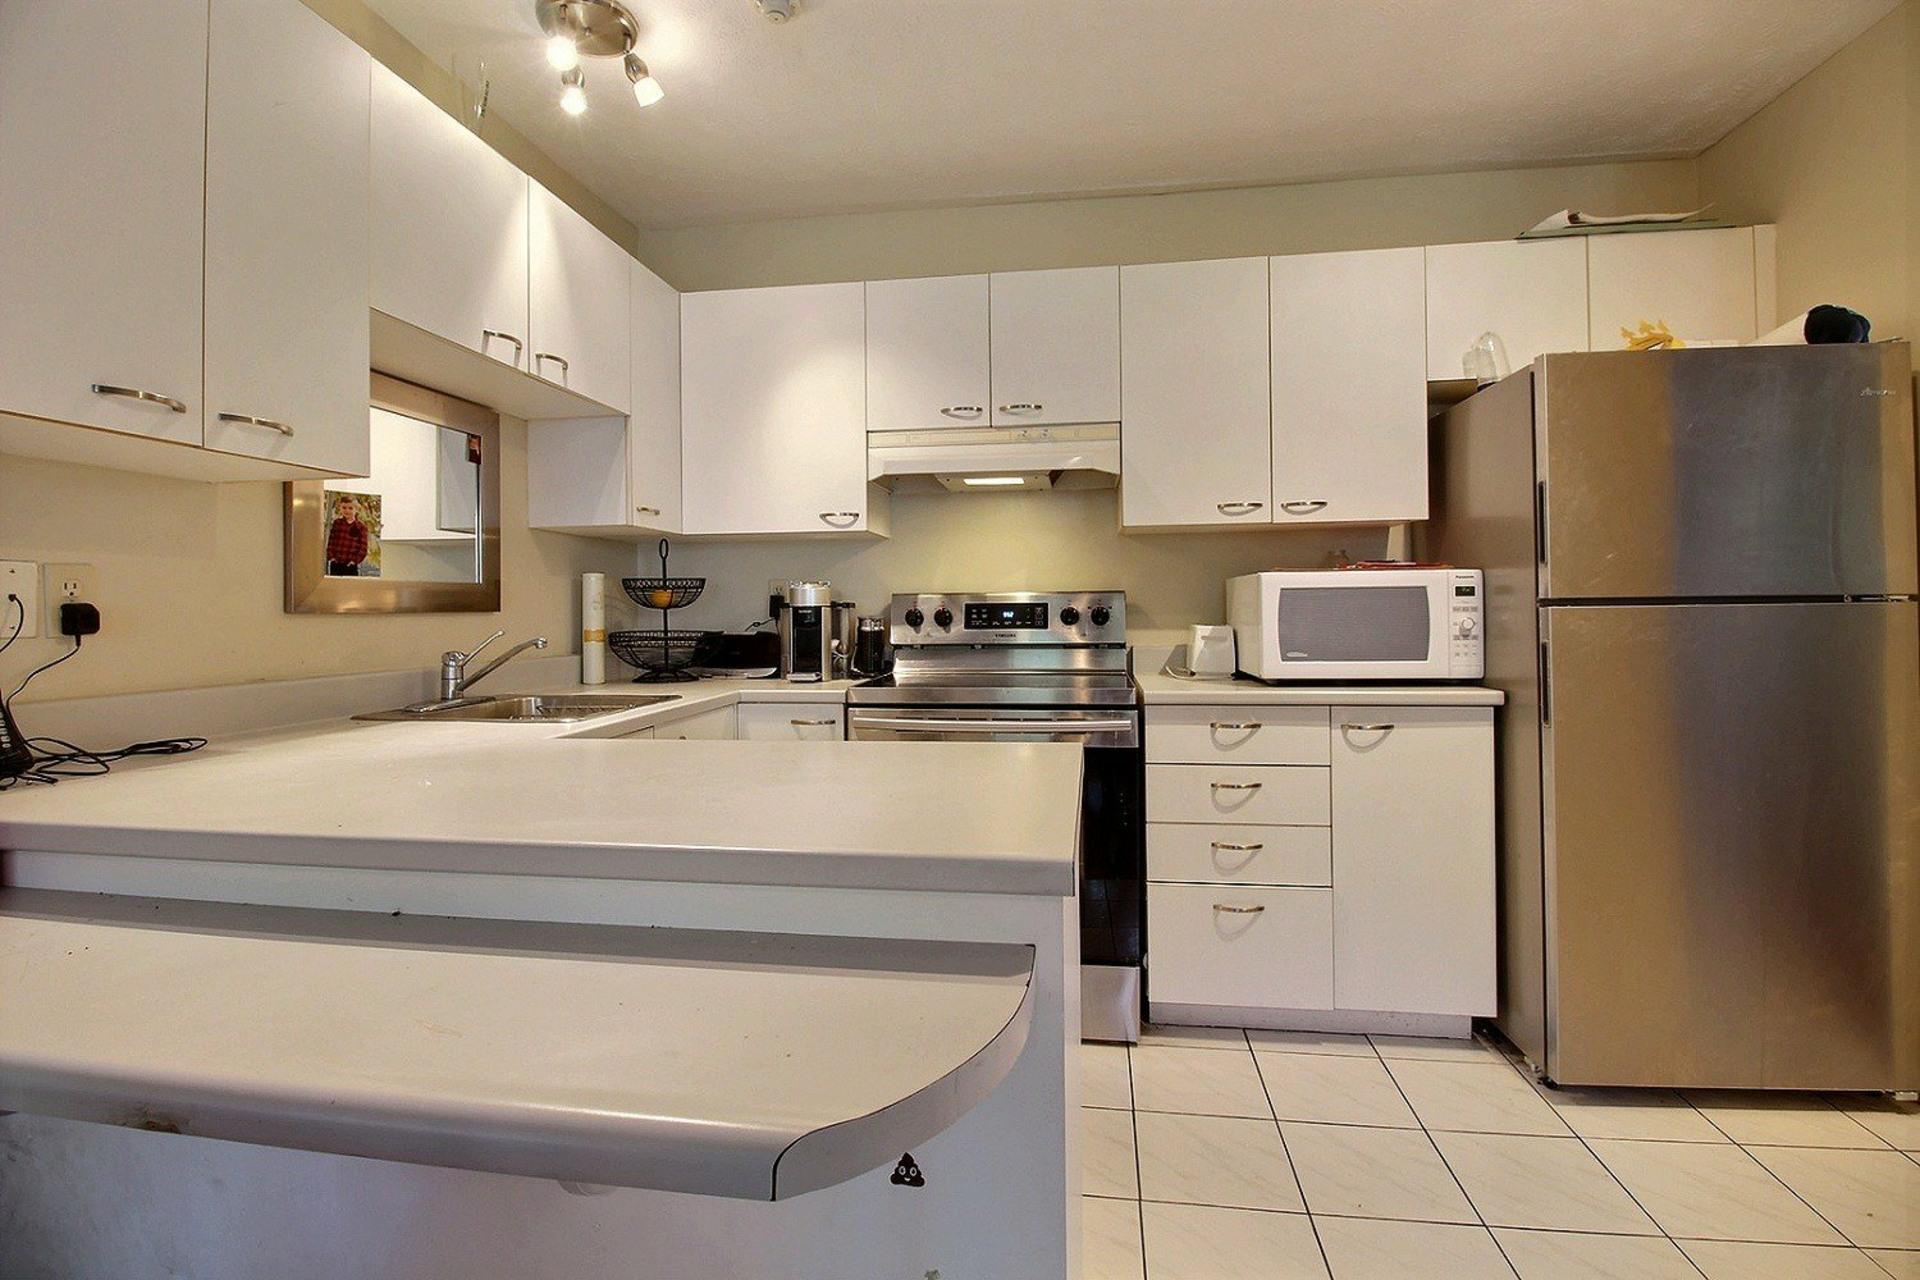 image 7 - Appartement À vendre Boucherville - 5 pièces